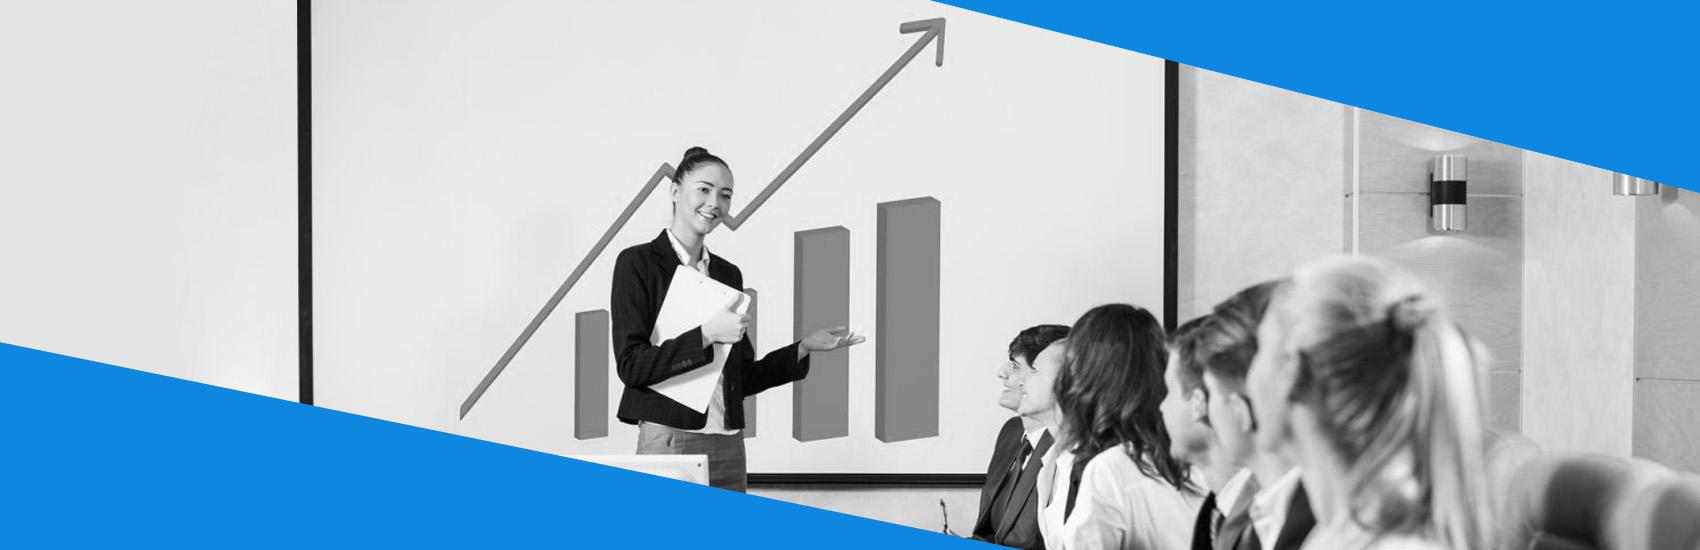 Разбор бизнеса: анализ процессов